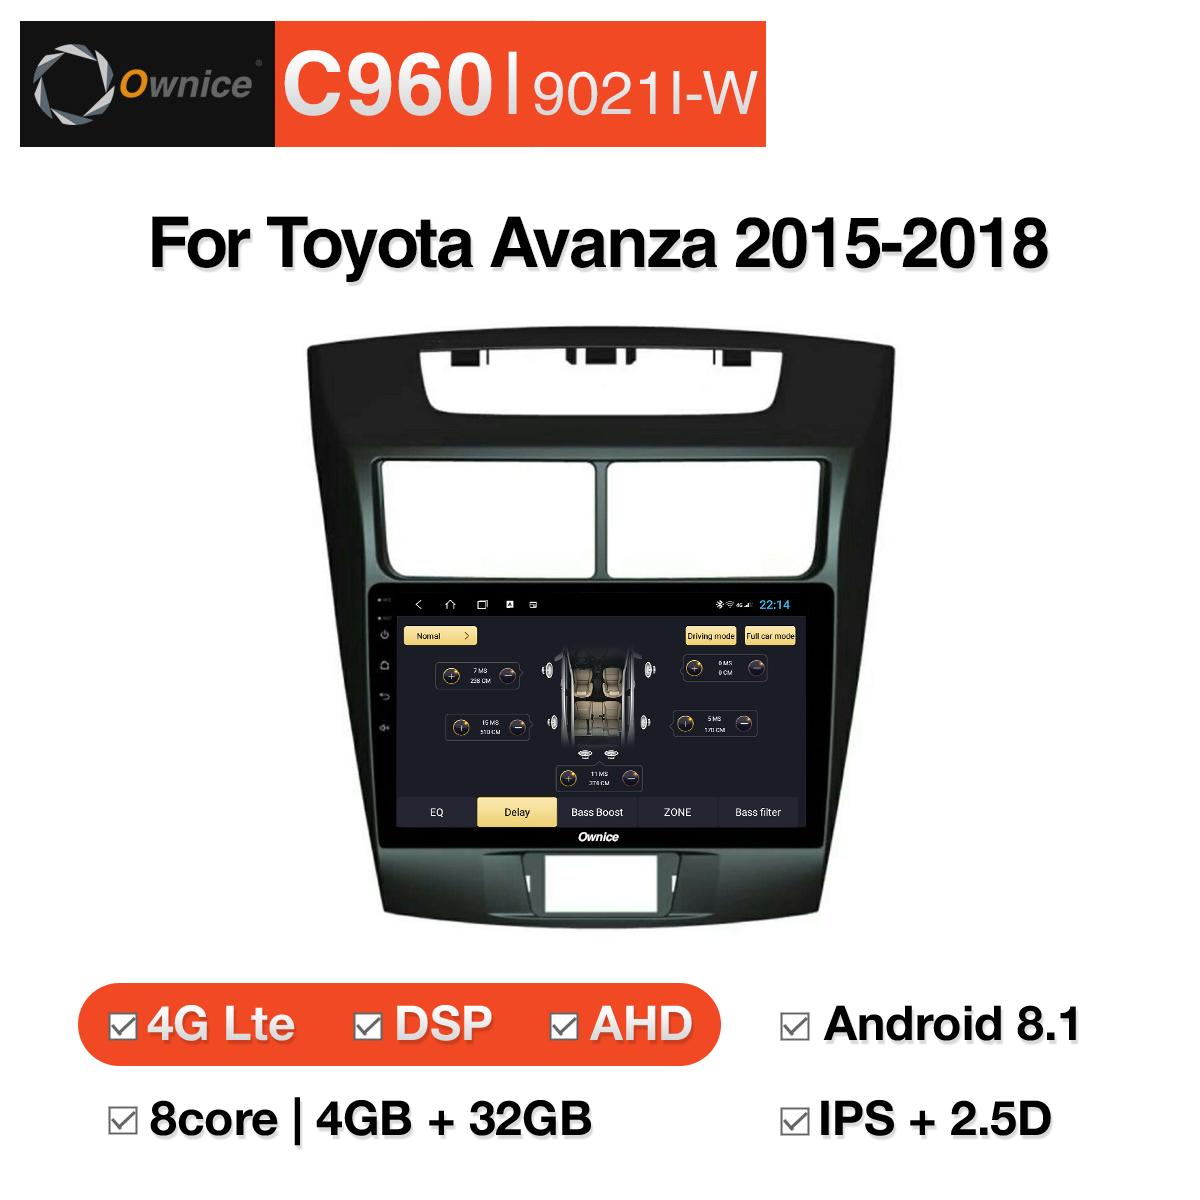 Đầu DVD android Ownice C960 cho xe ô tô Toyota Avanza 2015-2018